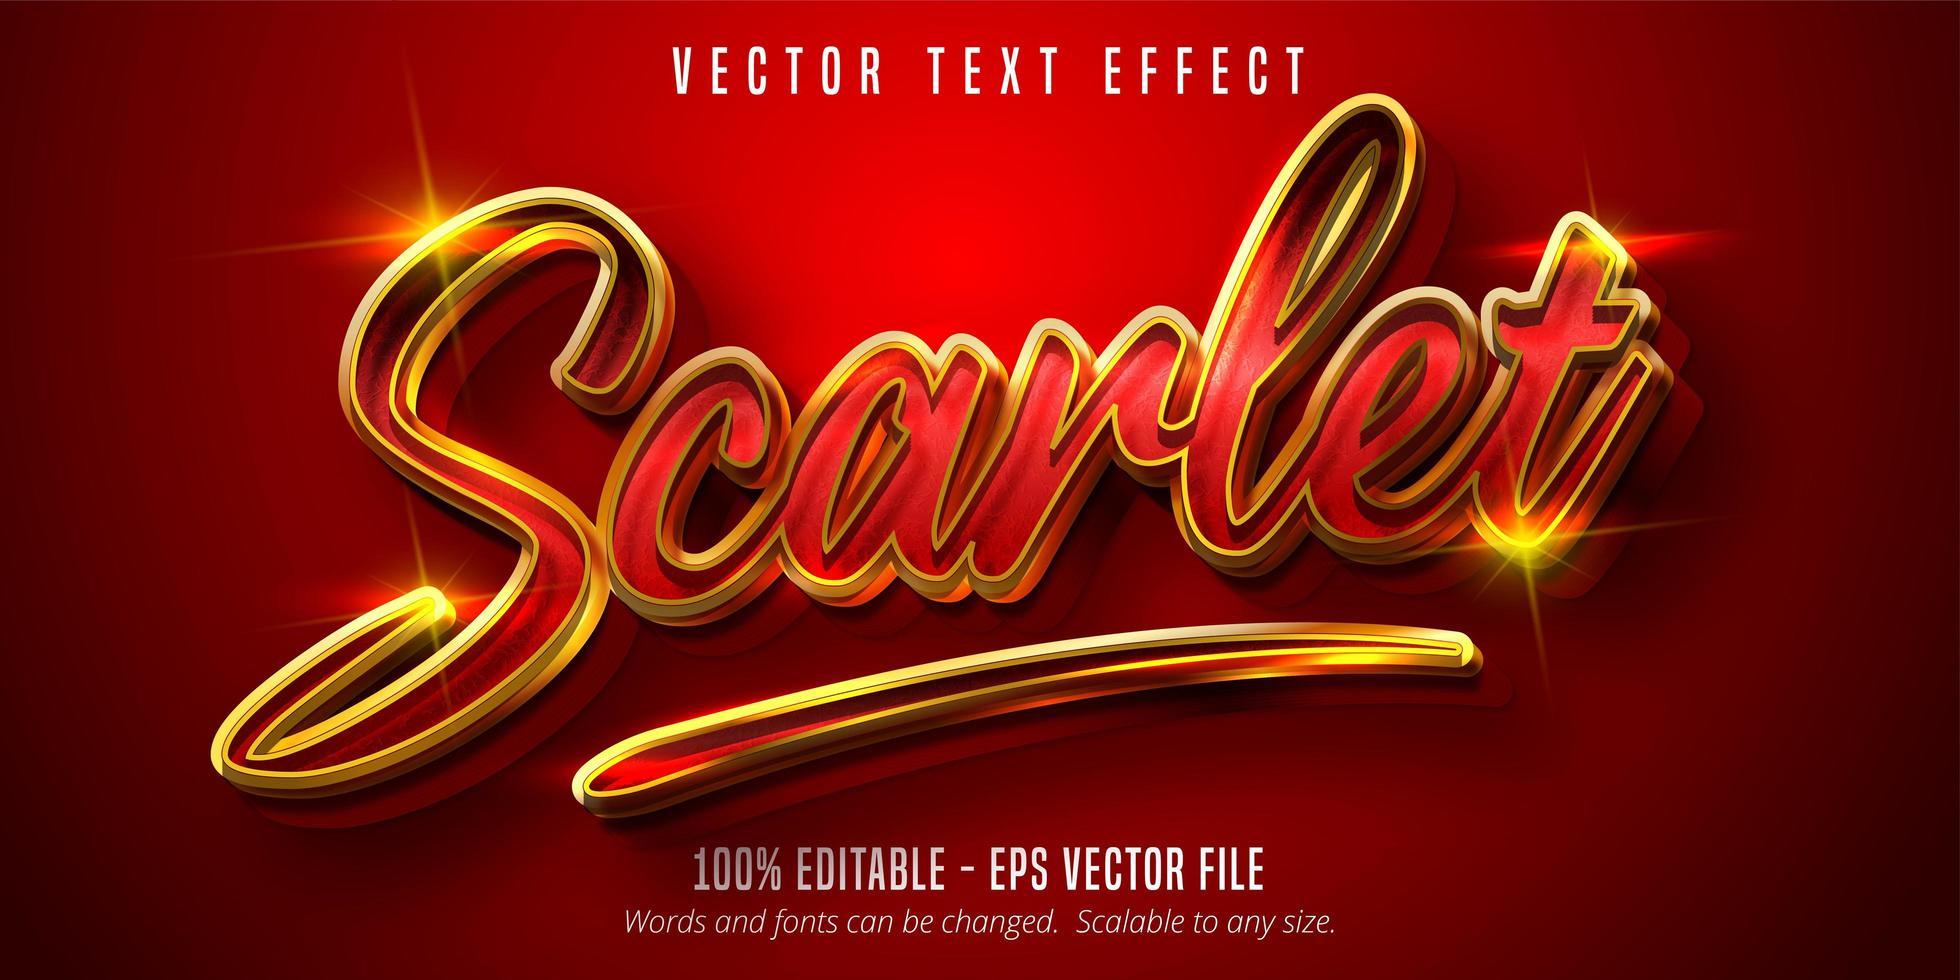 scharlaken tekst, glanzend goud en rood stijl teksteffect vector